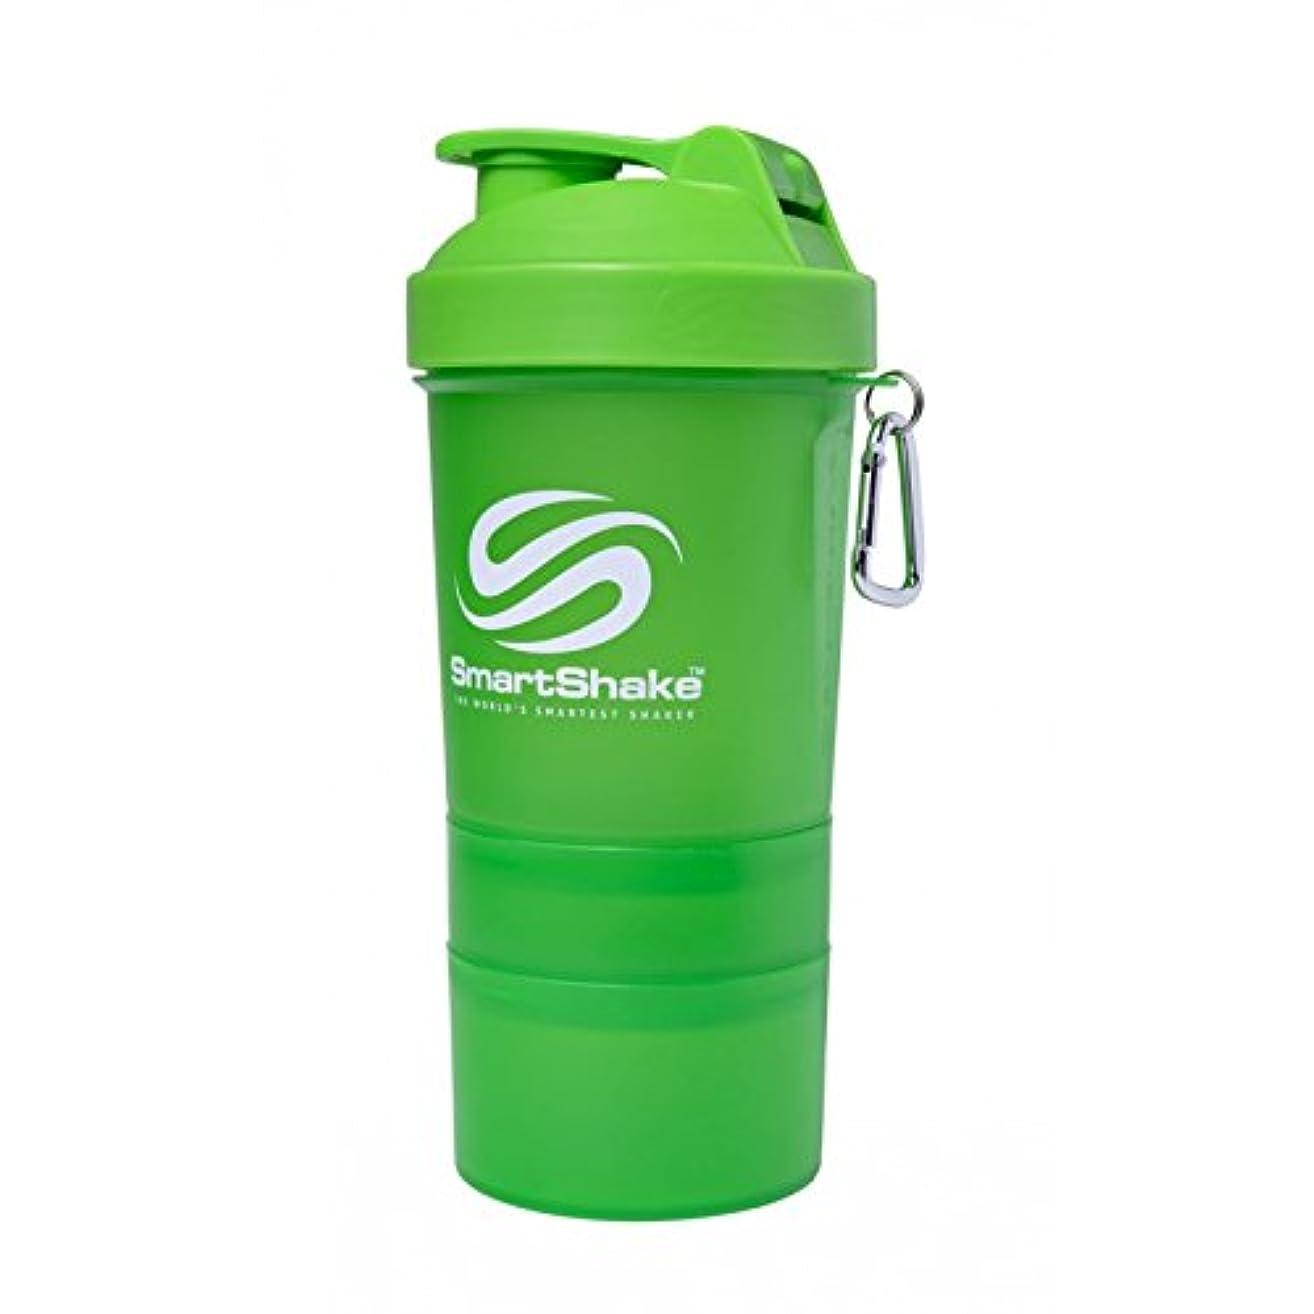 抱擁水銀の散るSmartShake 600ml/ 20oz Neon Green